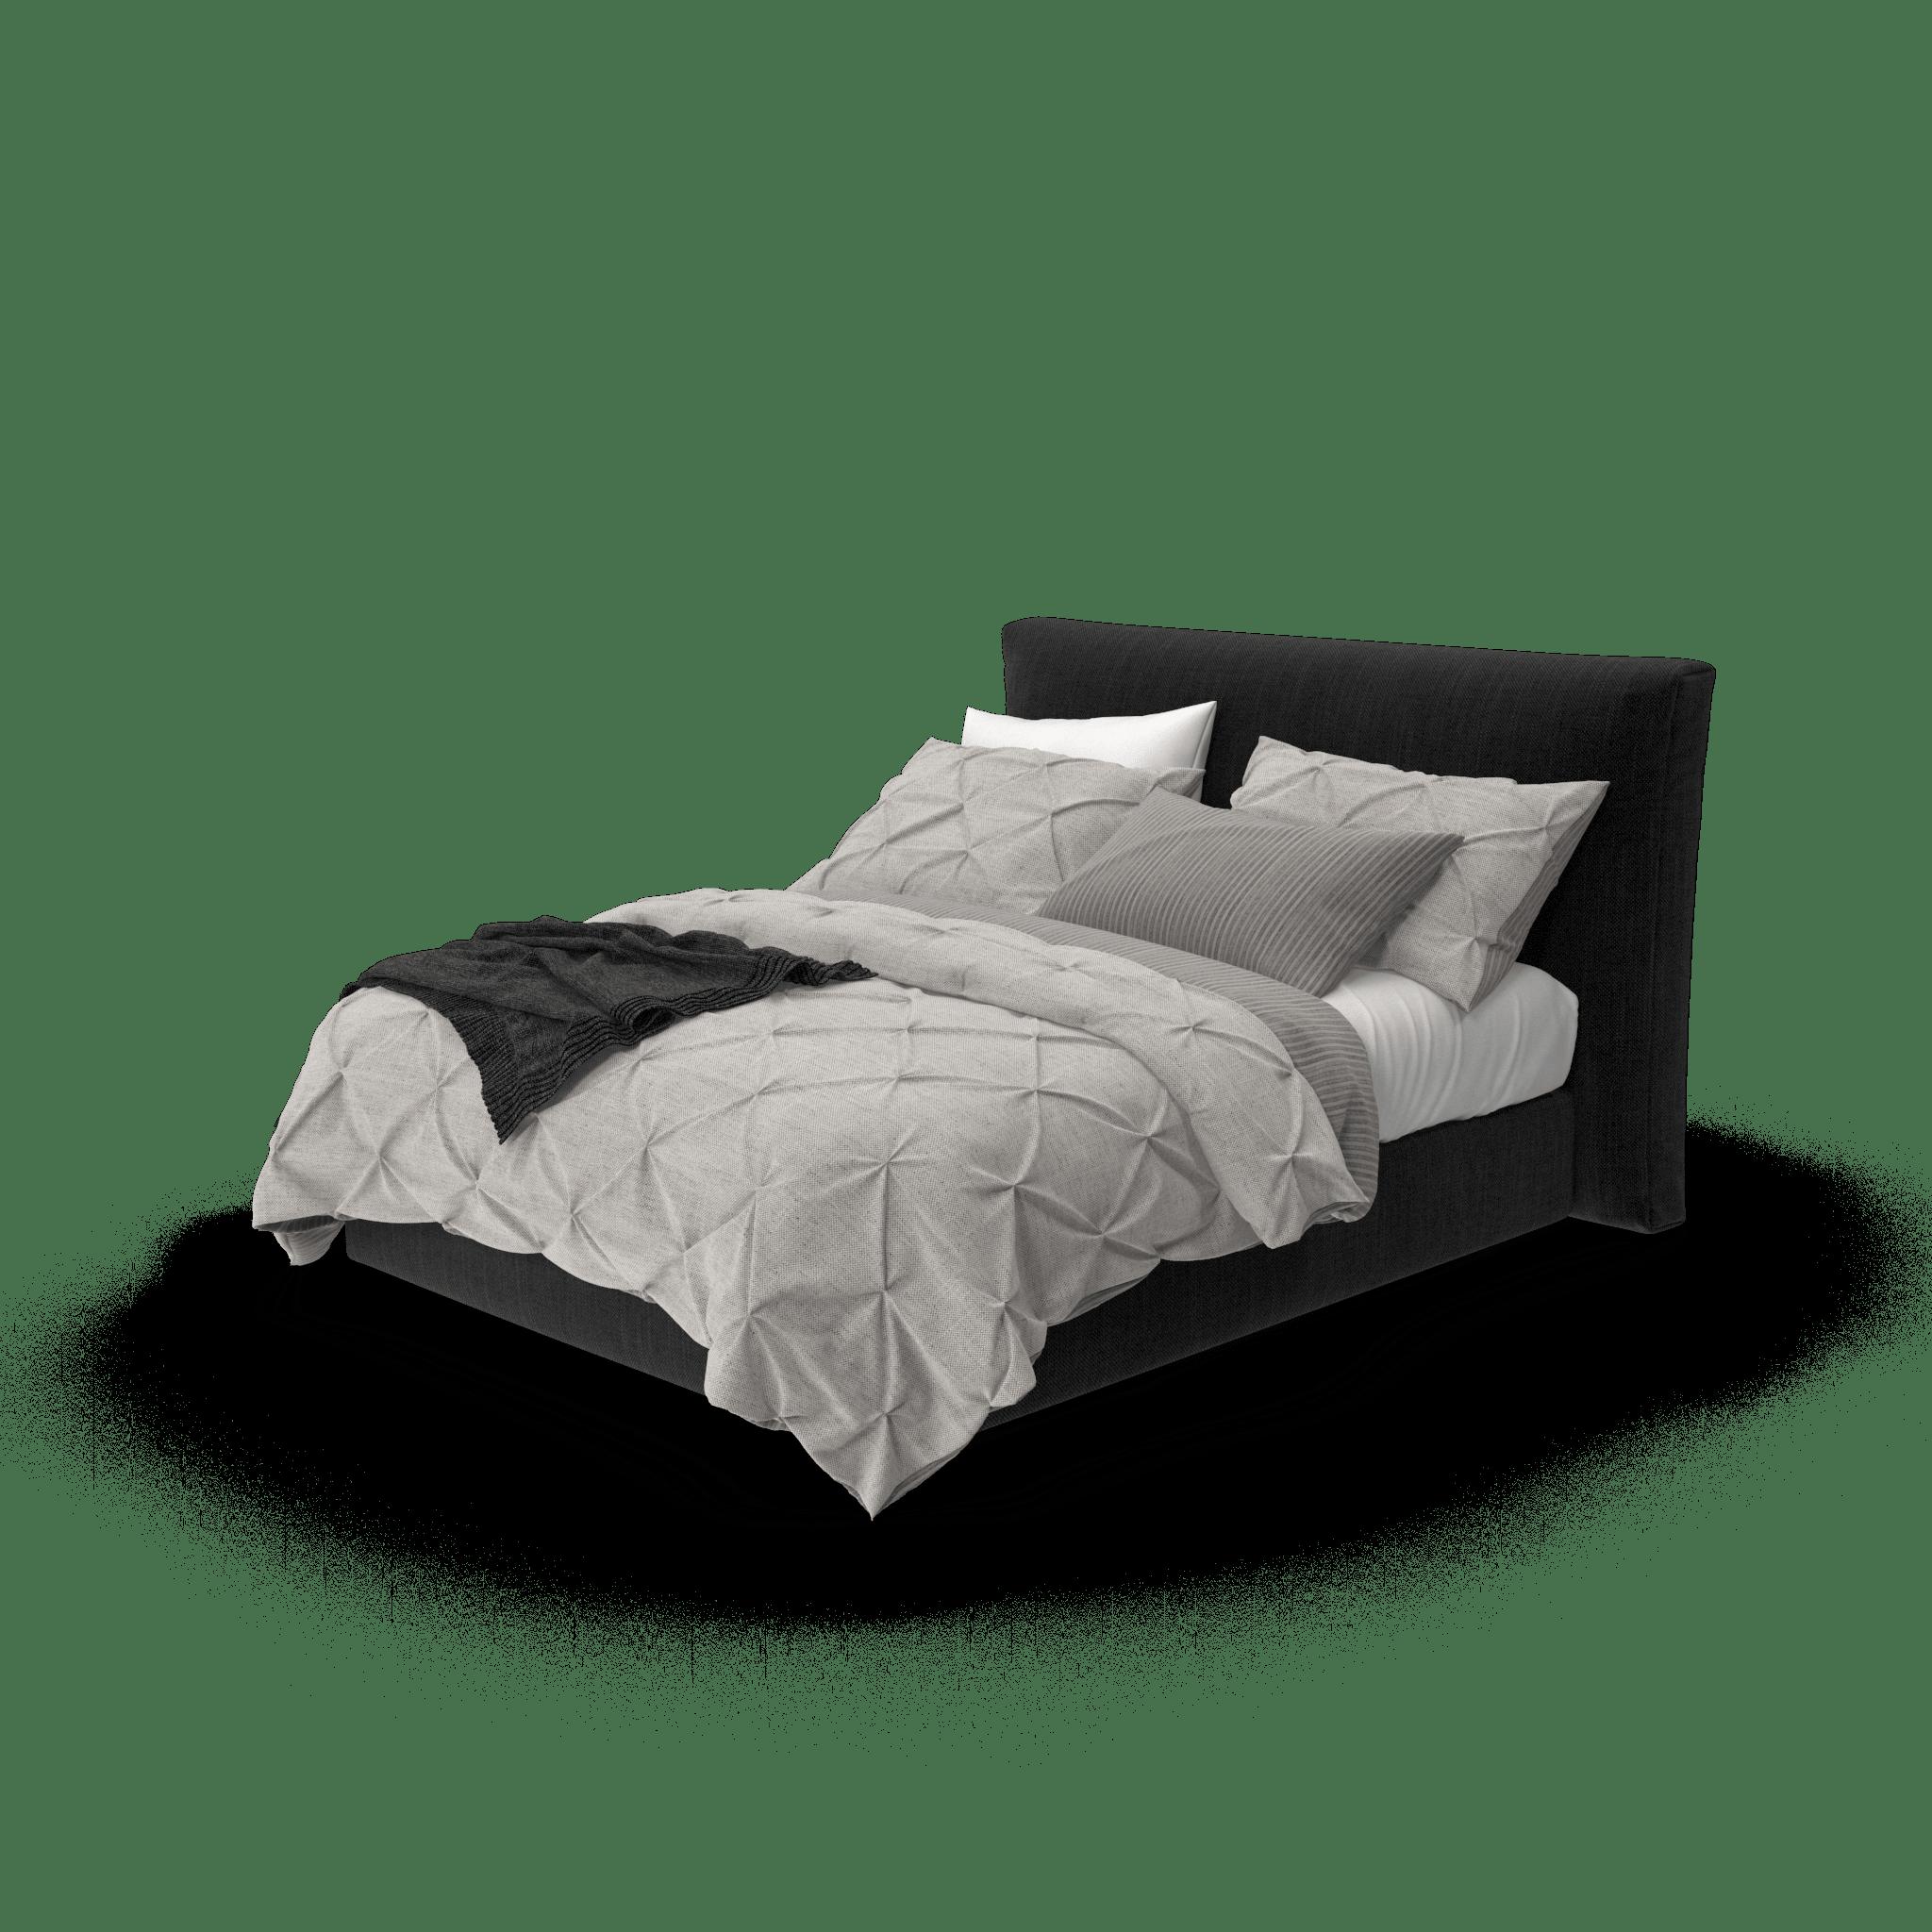 Bed.H03.2k (2)-min